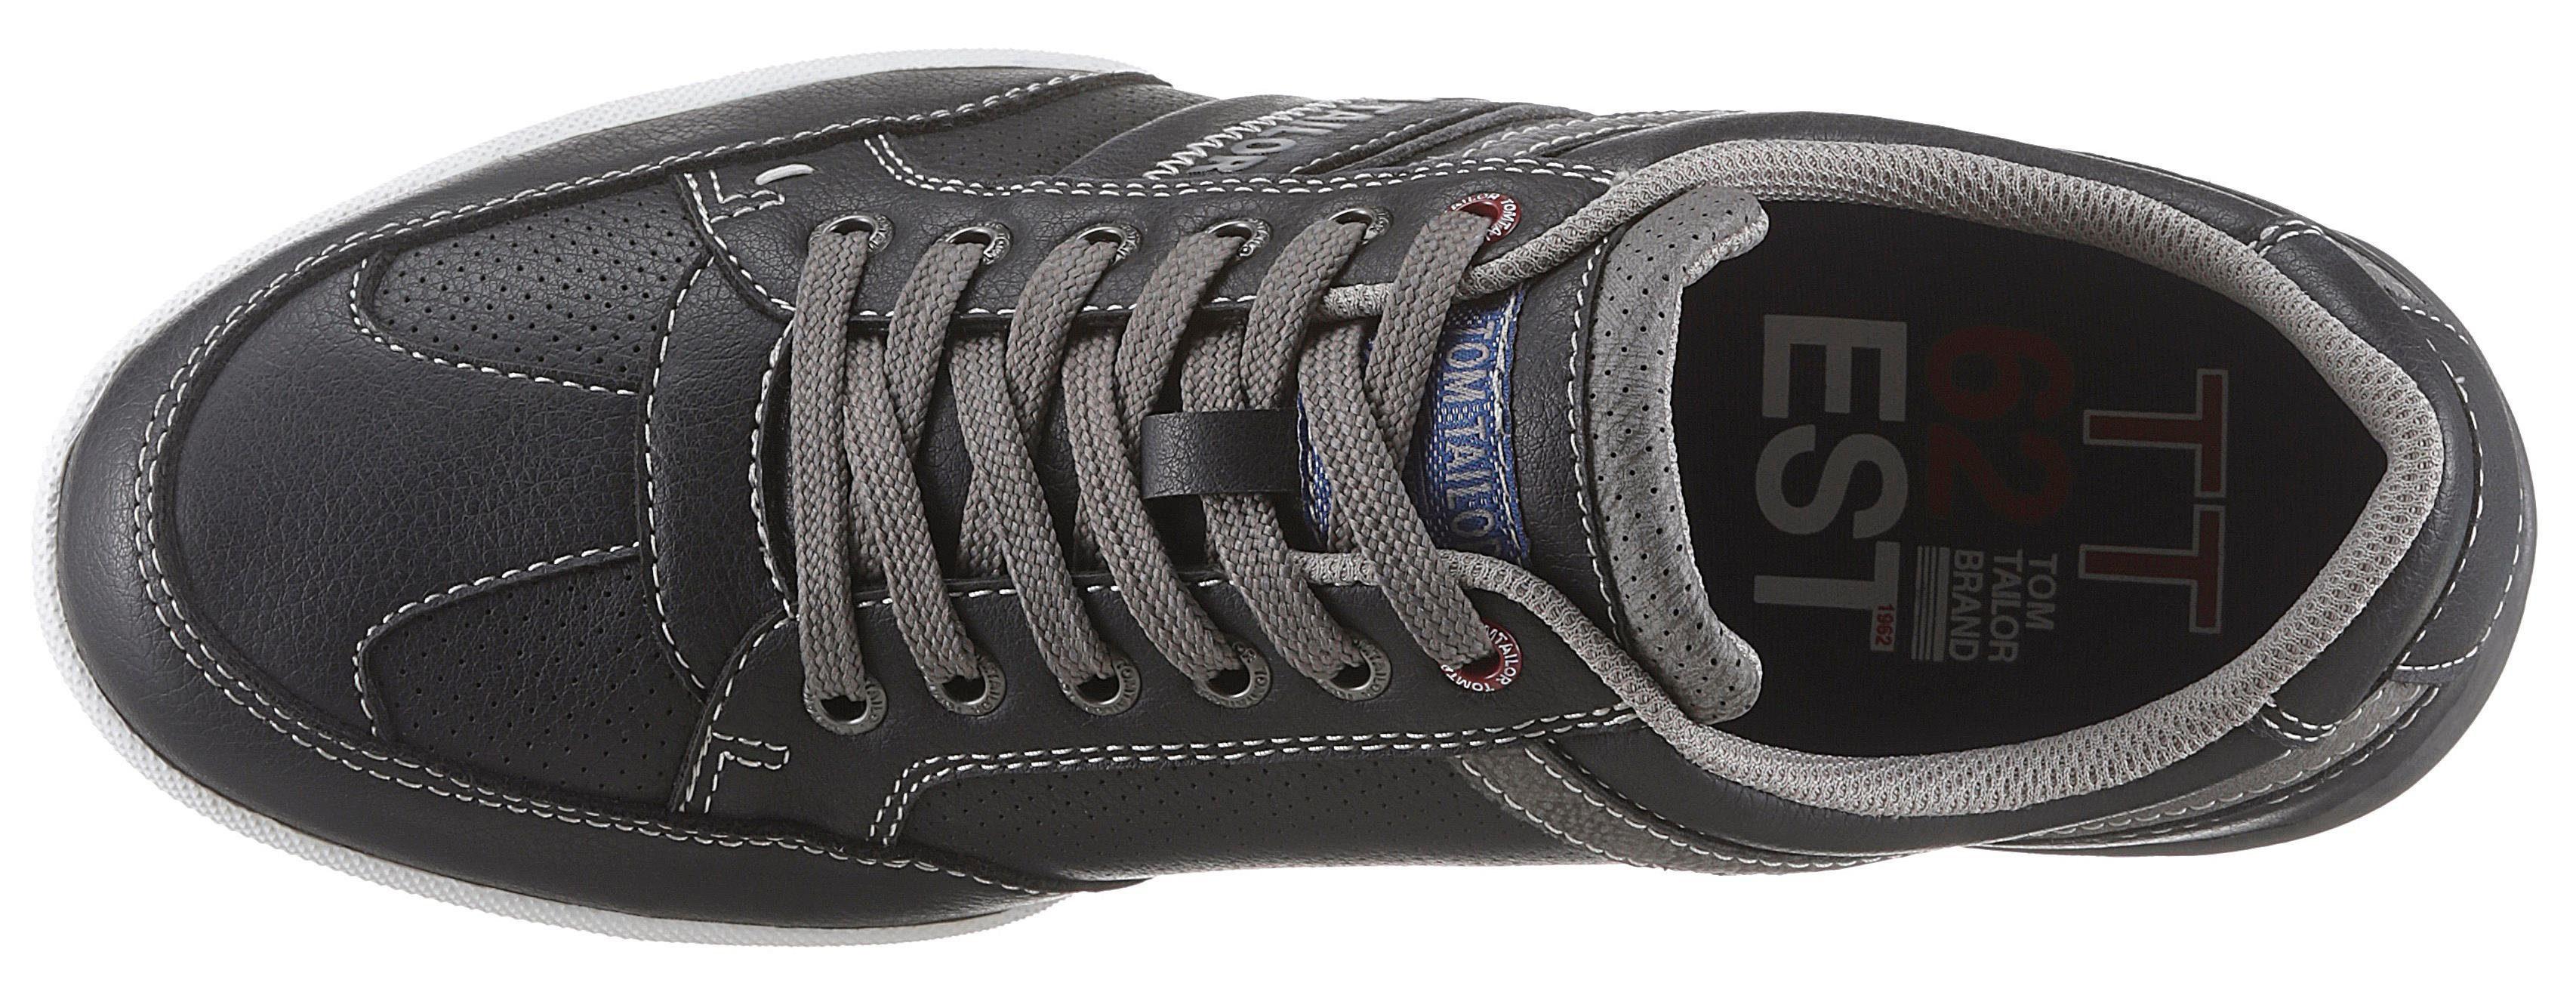 Tom Tailor Sneakers Snel Online Gekocht - Geweldige Prijs